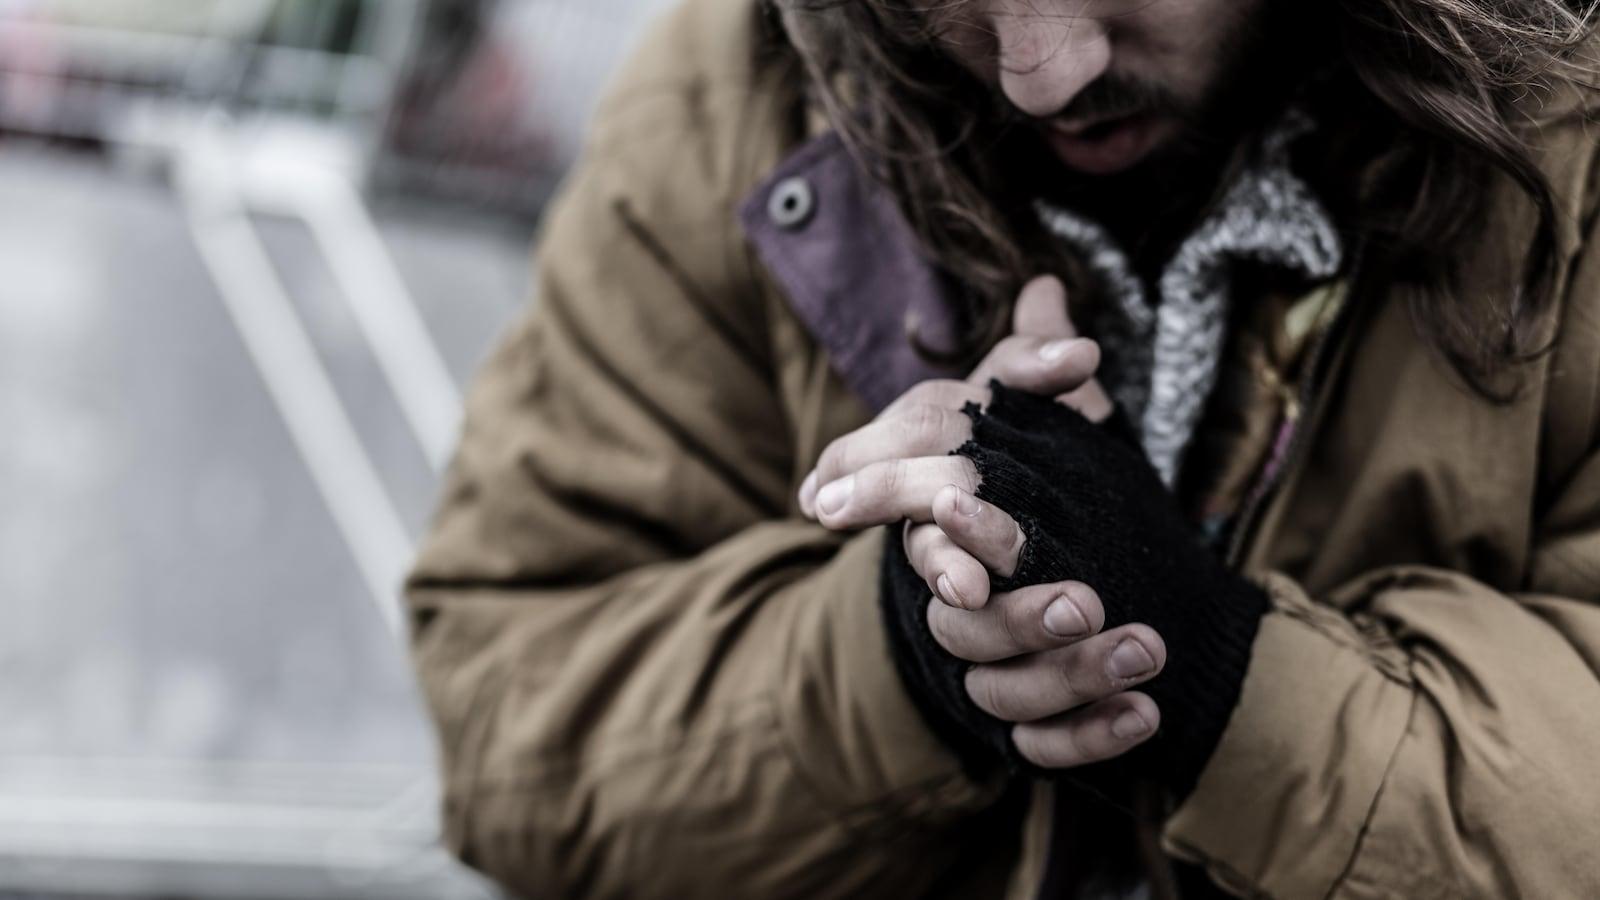 Un homme sur un trottoir se frotte les mains pour se réchauffer.